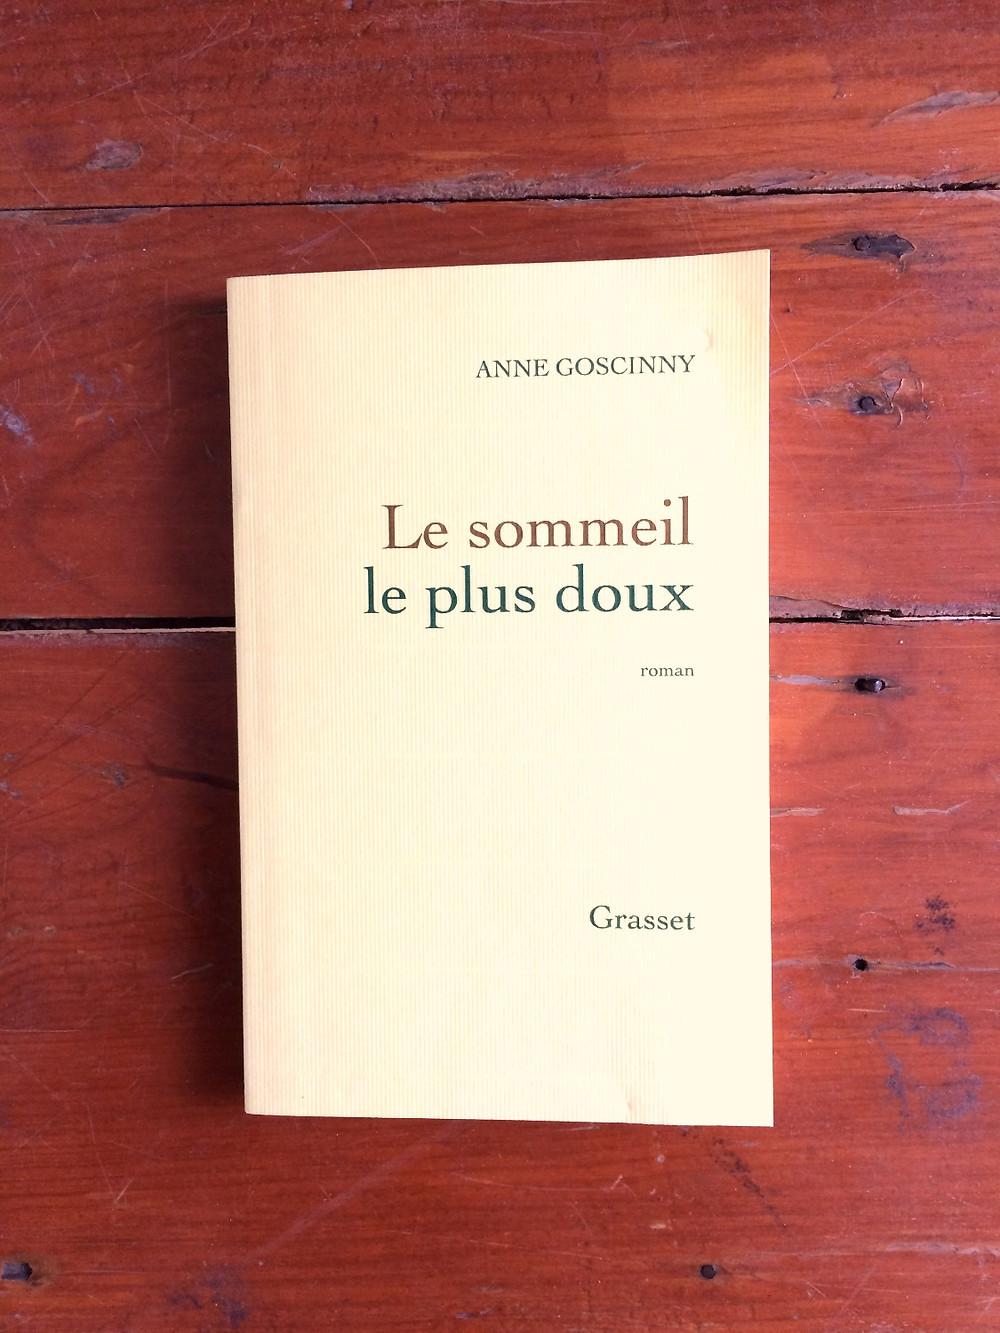 Photo : Le sommeil le plus doux, Anne Goscinny